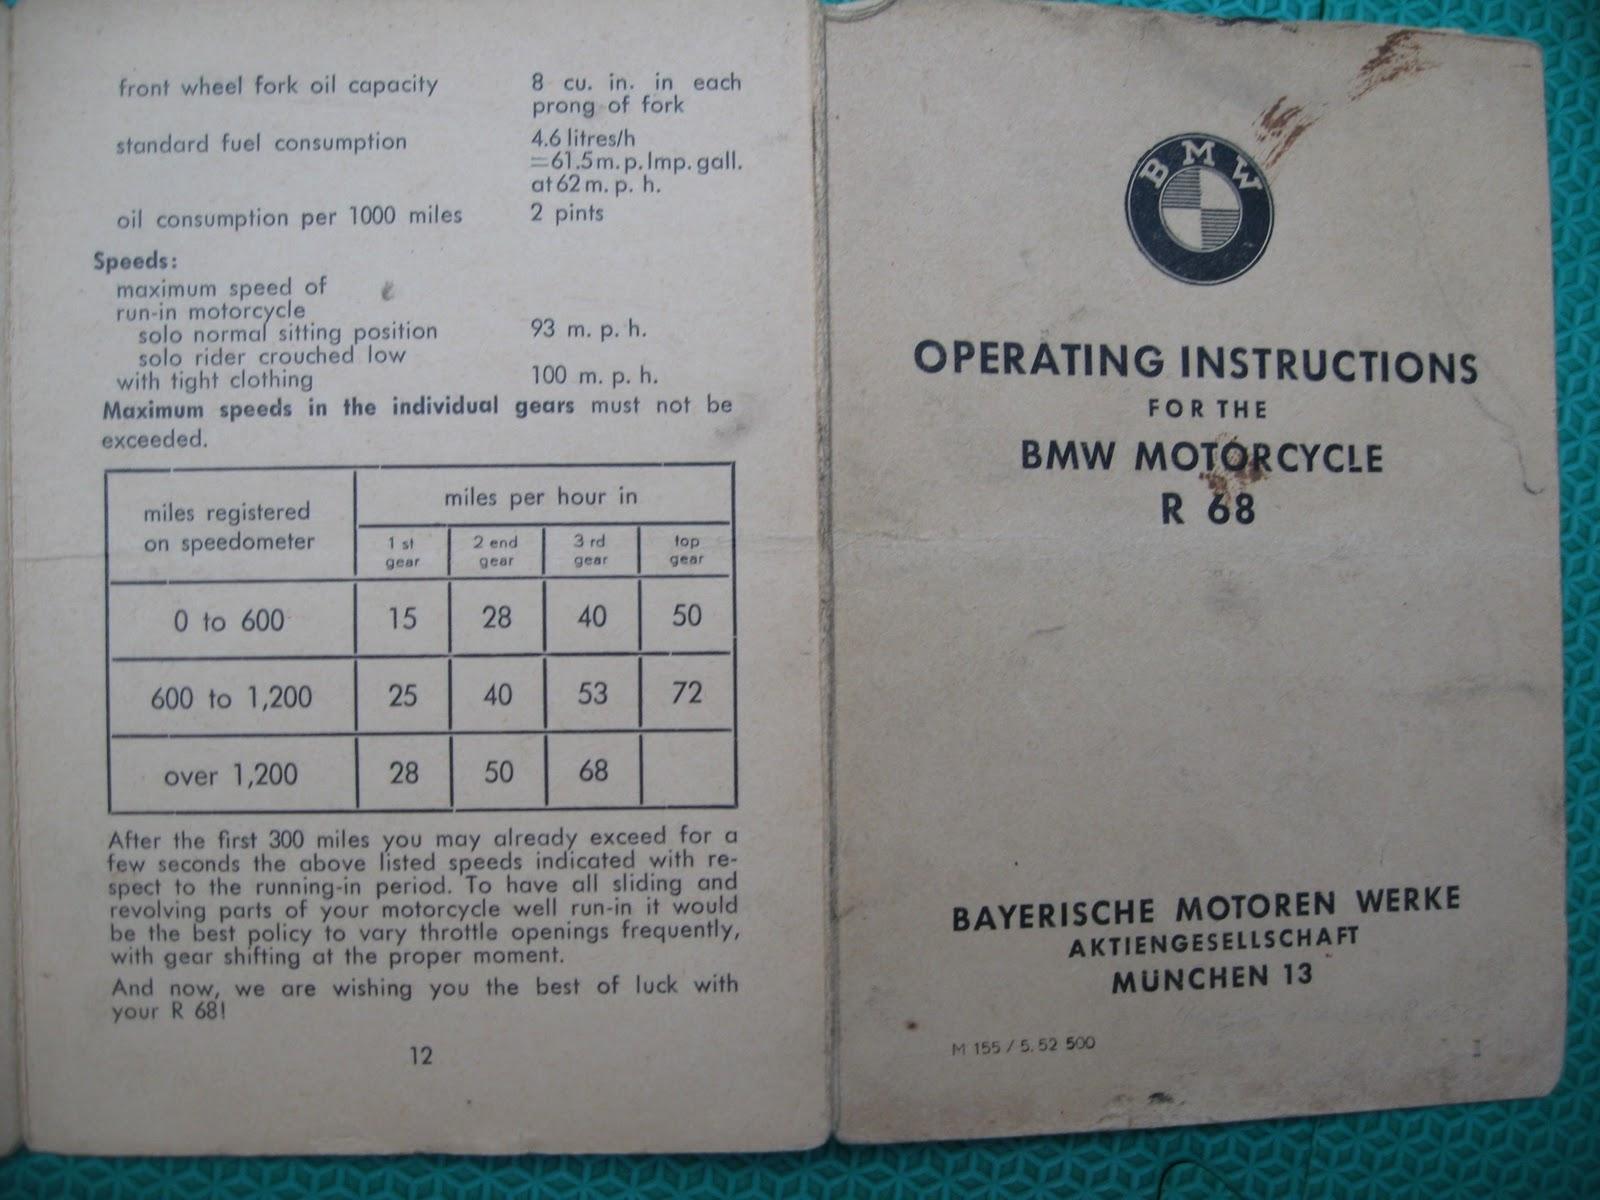 Weiss und Blau: BMW R68 Operating Instructions